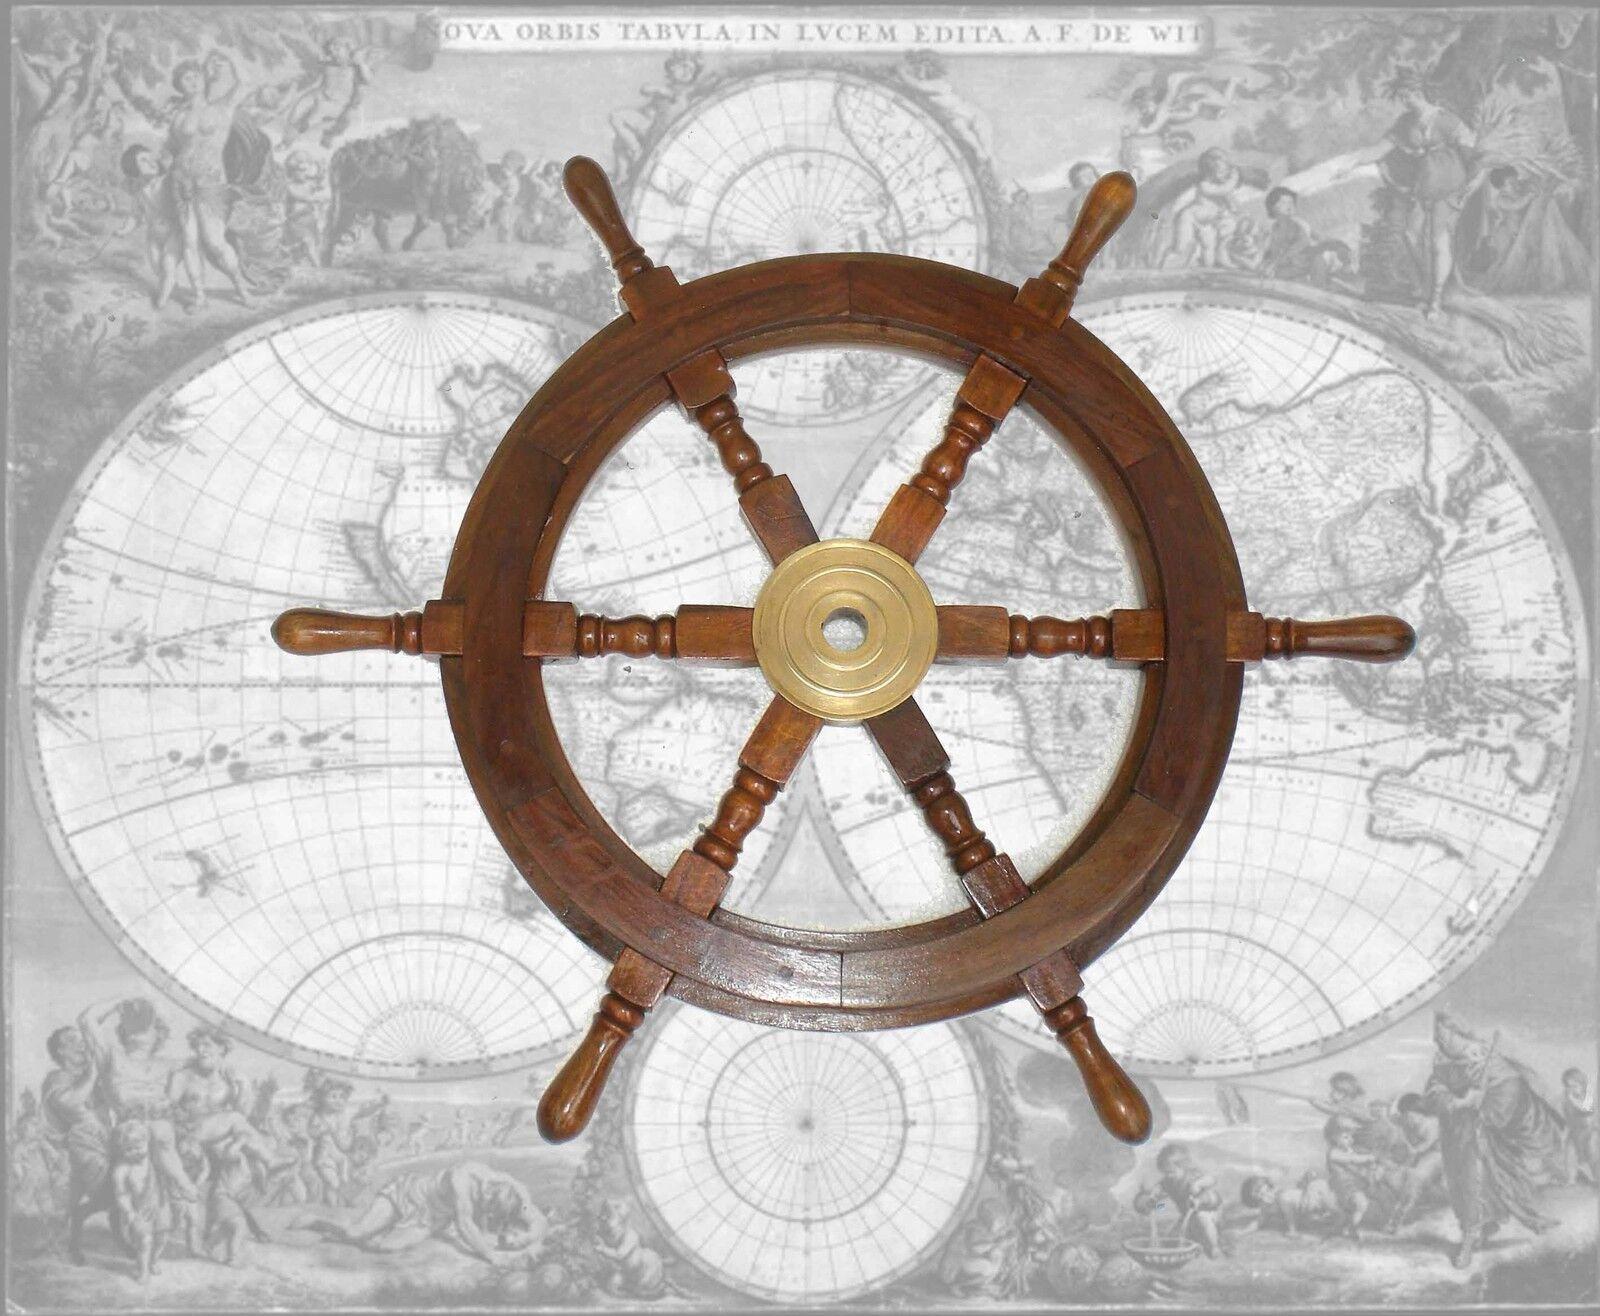 Hochwertiges Steuerrad, Schiffssteuerrad aus Hartholz, Durchmesser 62cm Durchmesser Hartholz, 3b13fb